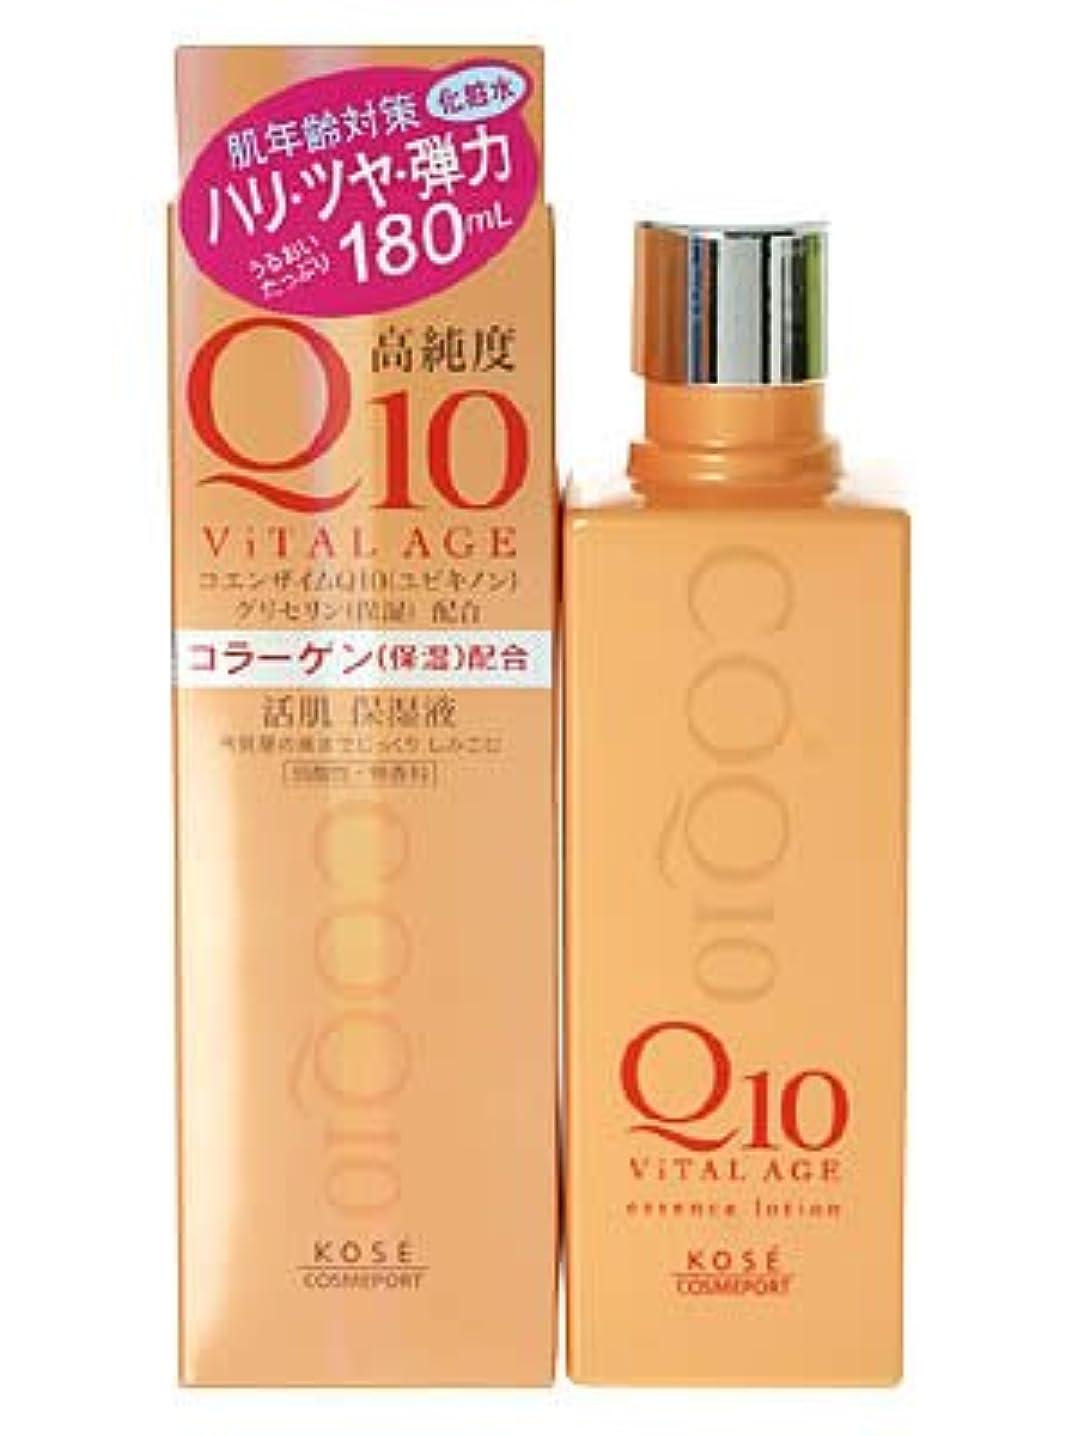 KOSE コーセー バイタルエイジ Q10 化粧水 180ml